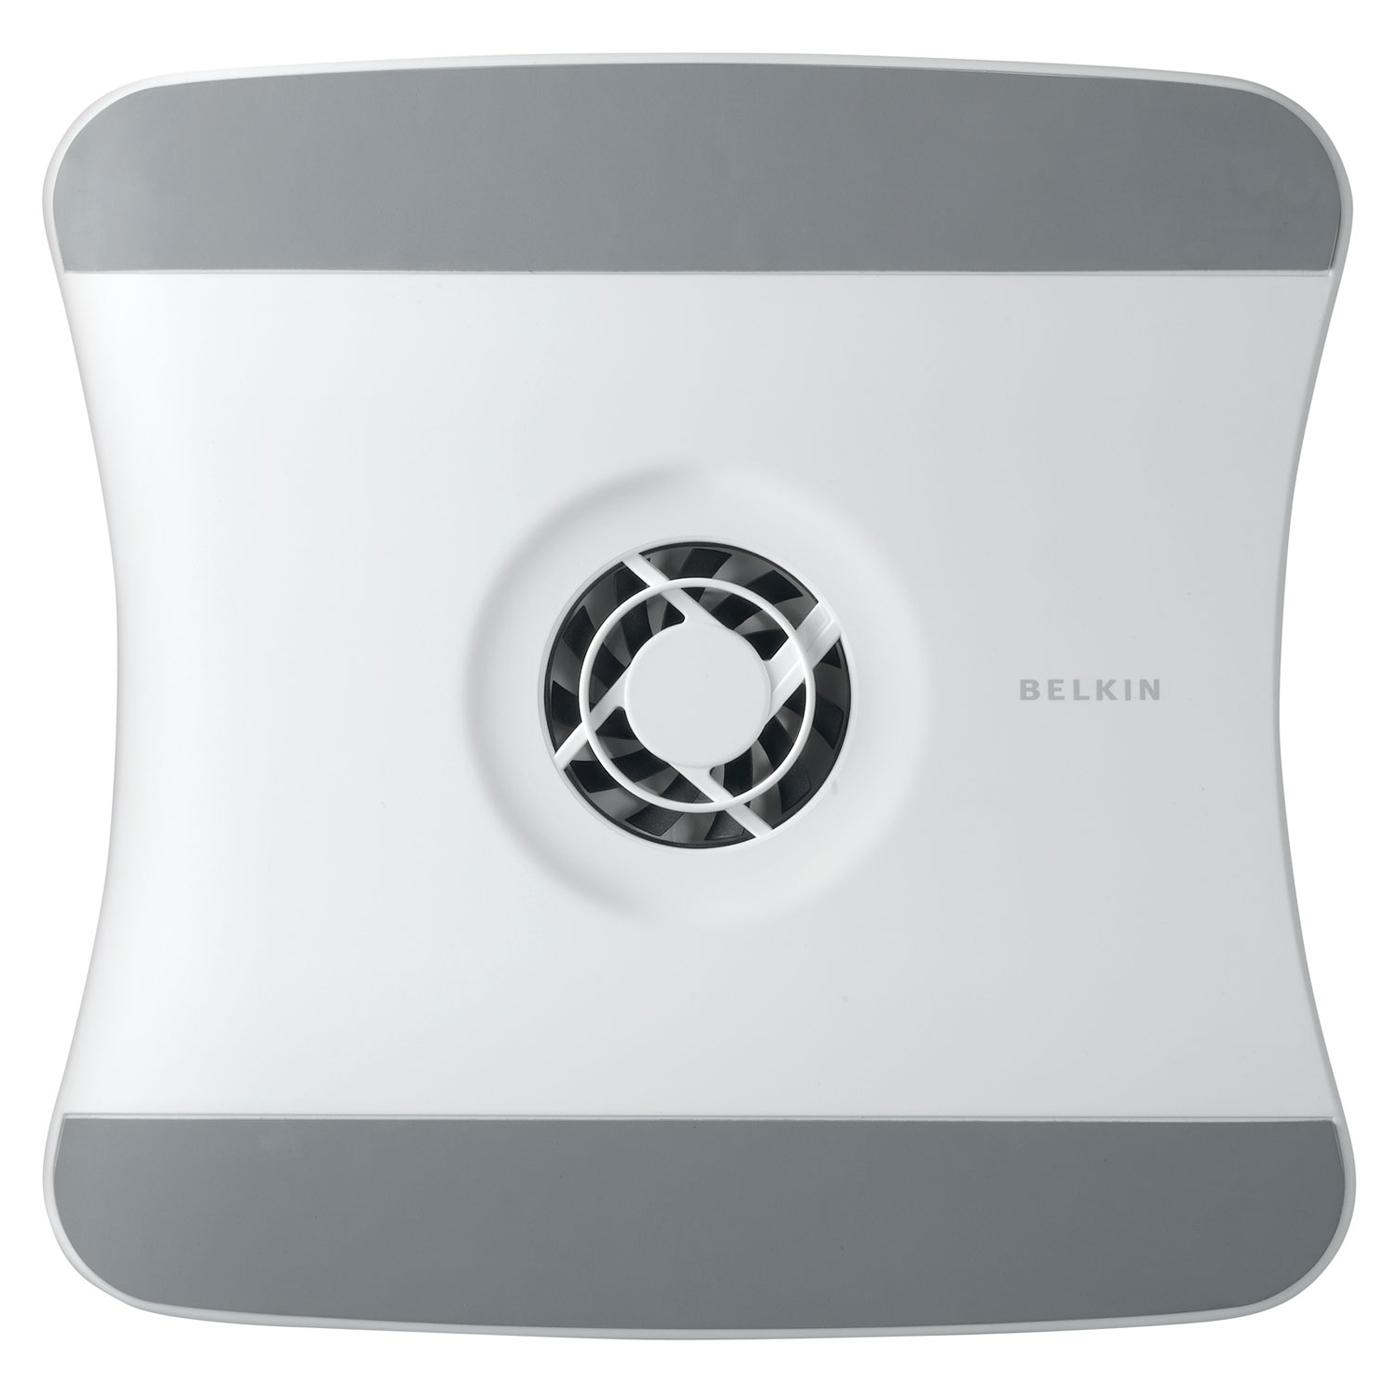 Belkin Laptop Cooling Hub Coloris Blanc Ventilateur PC